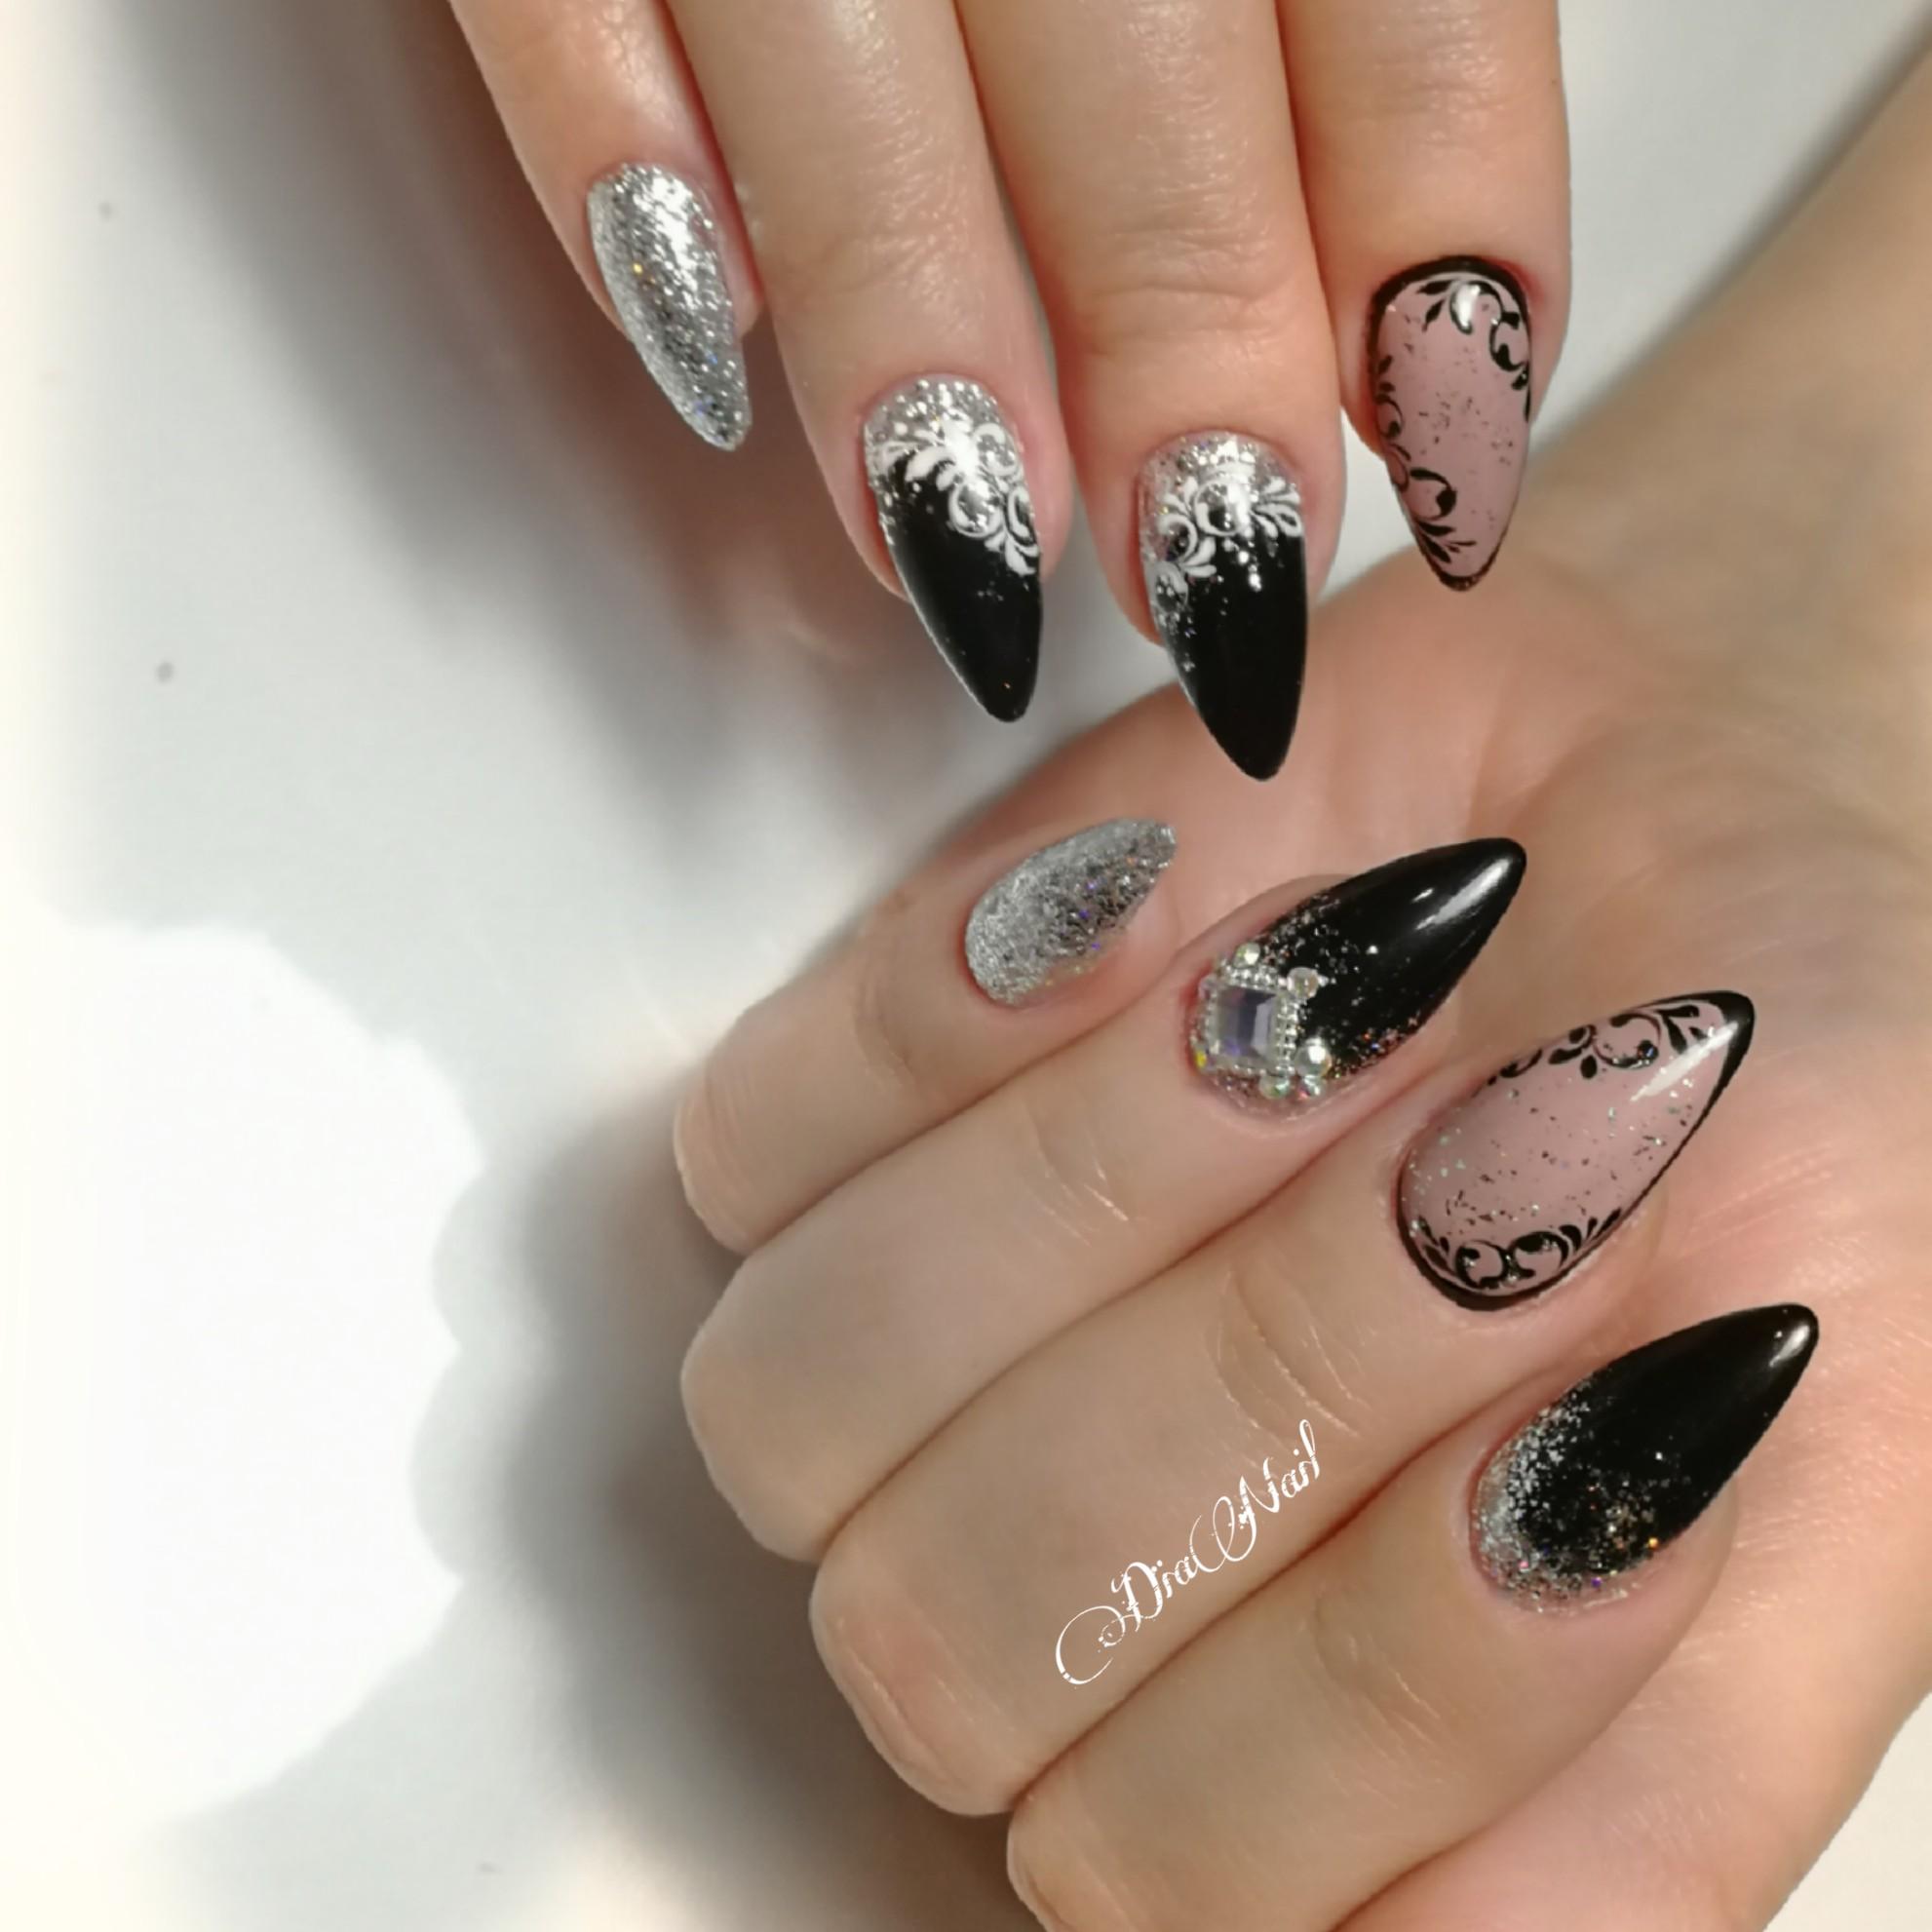 Маникюр с нюдовым дизайном, вензелями, серебряными блестками и стразами в черном цвете.